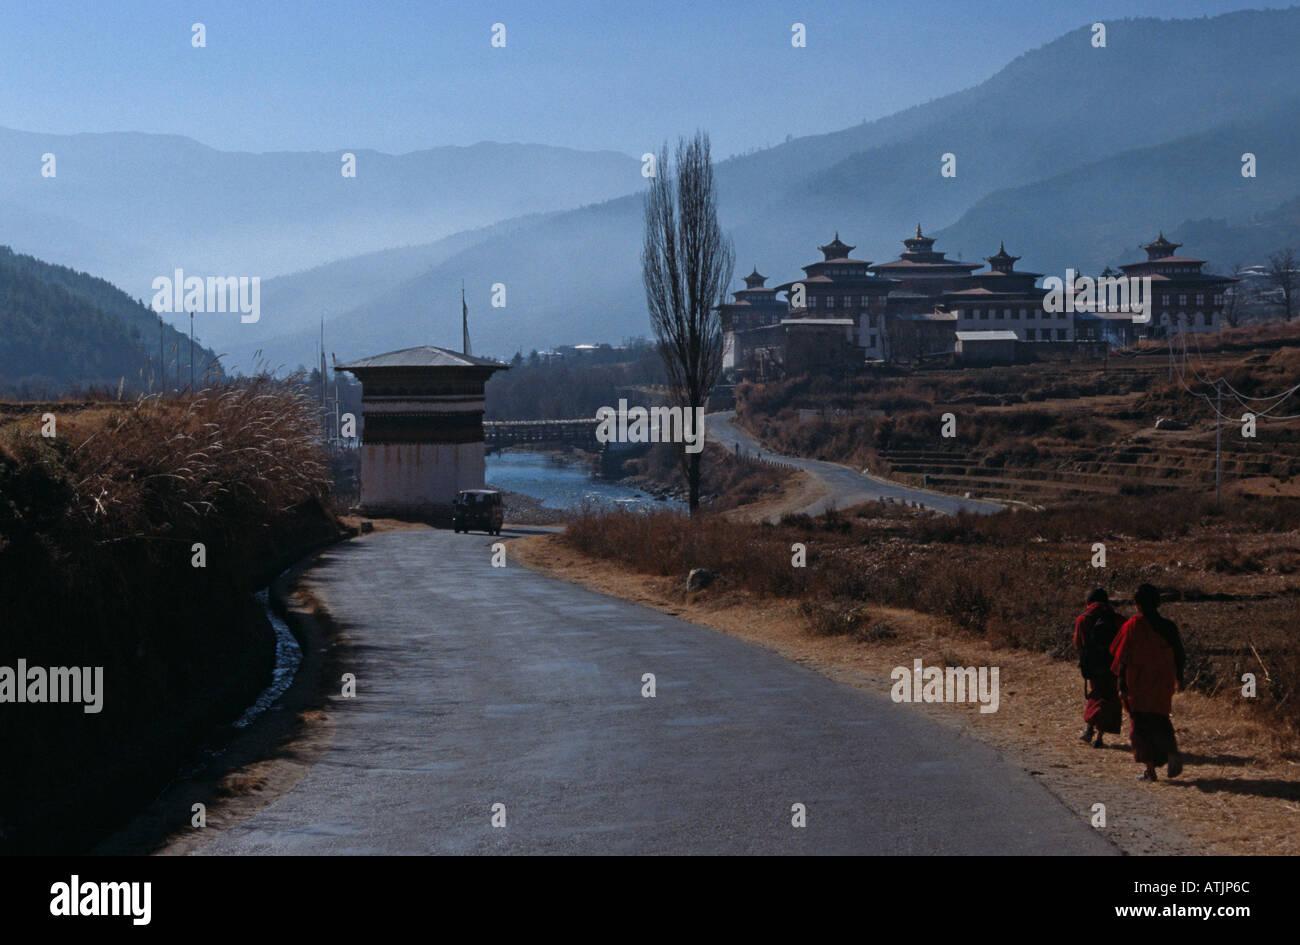 Deux moines bouddhistes à marcher vers Tashichho Dzong (Thimphu Dzong) dans la région de Misty vallée rurale, le Bhoutan, l'Asie du Sud Photo Stock